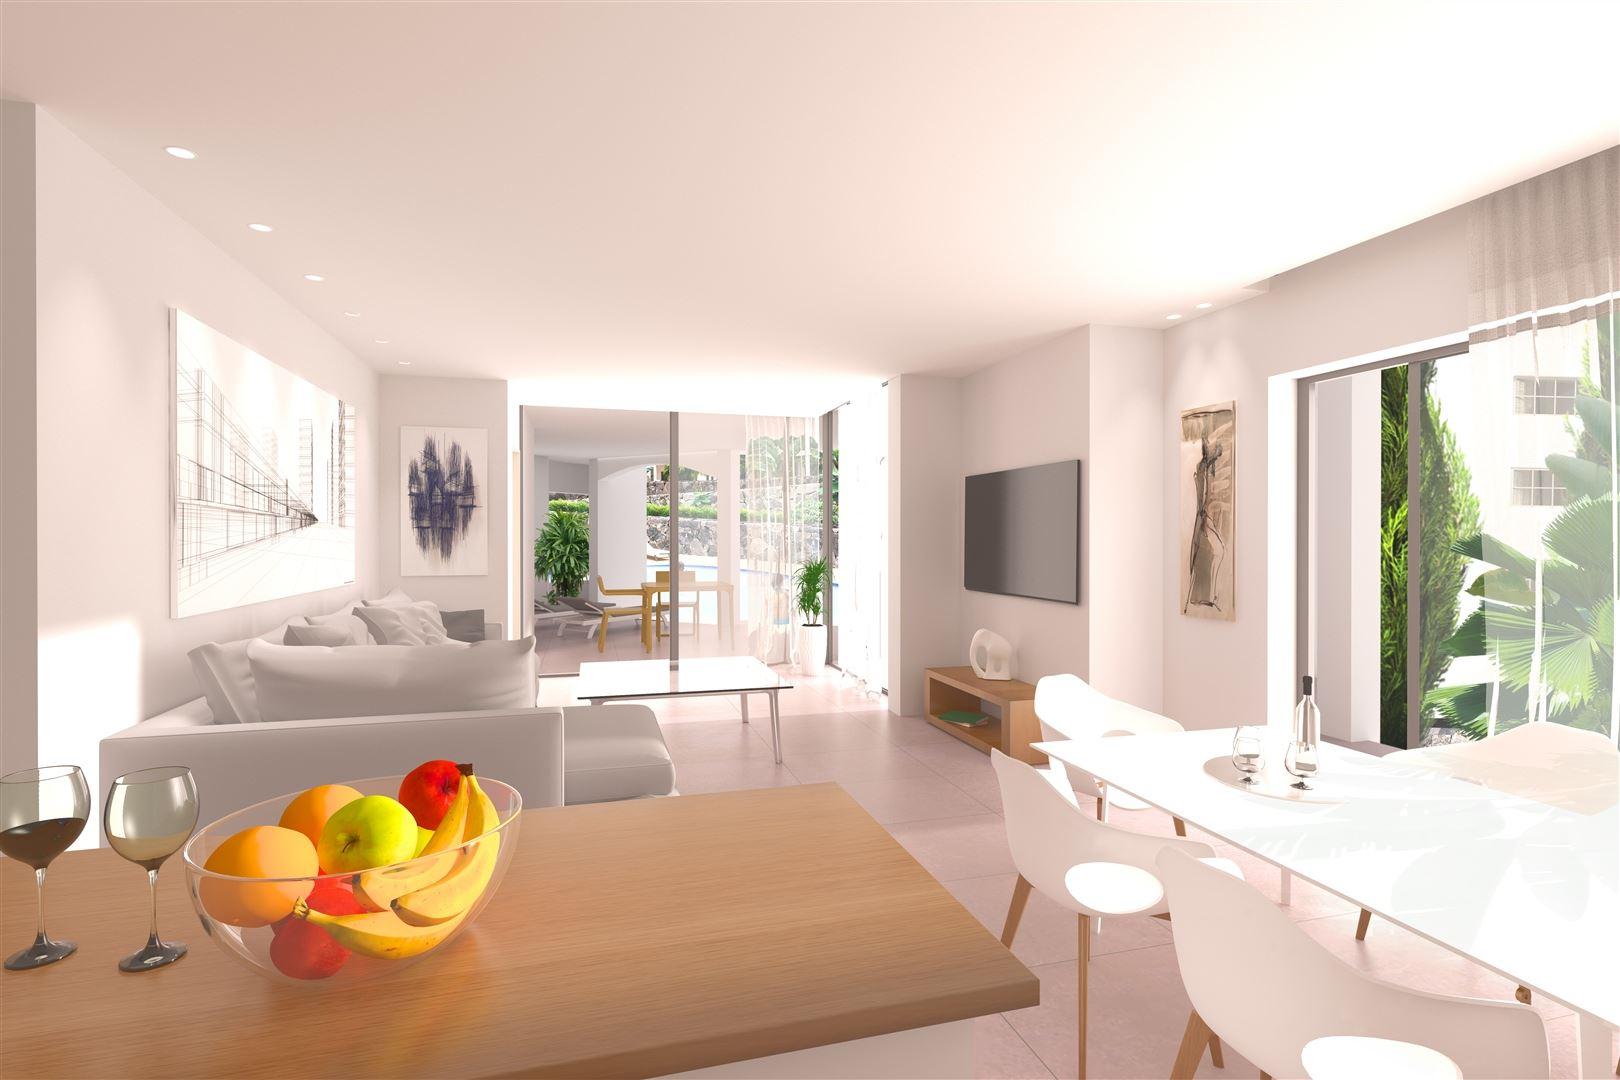 Foto 2 : Appartement te  ARONA - PALM MAR (Spanje) - Prijs Prijs op aanvraag